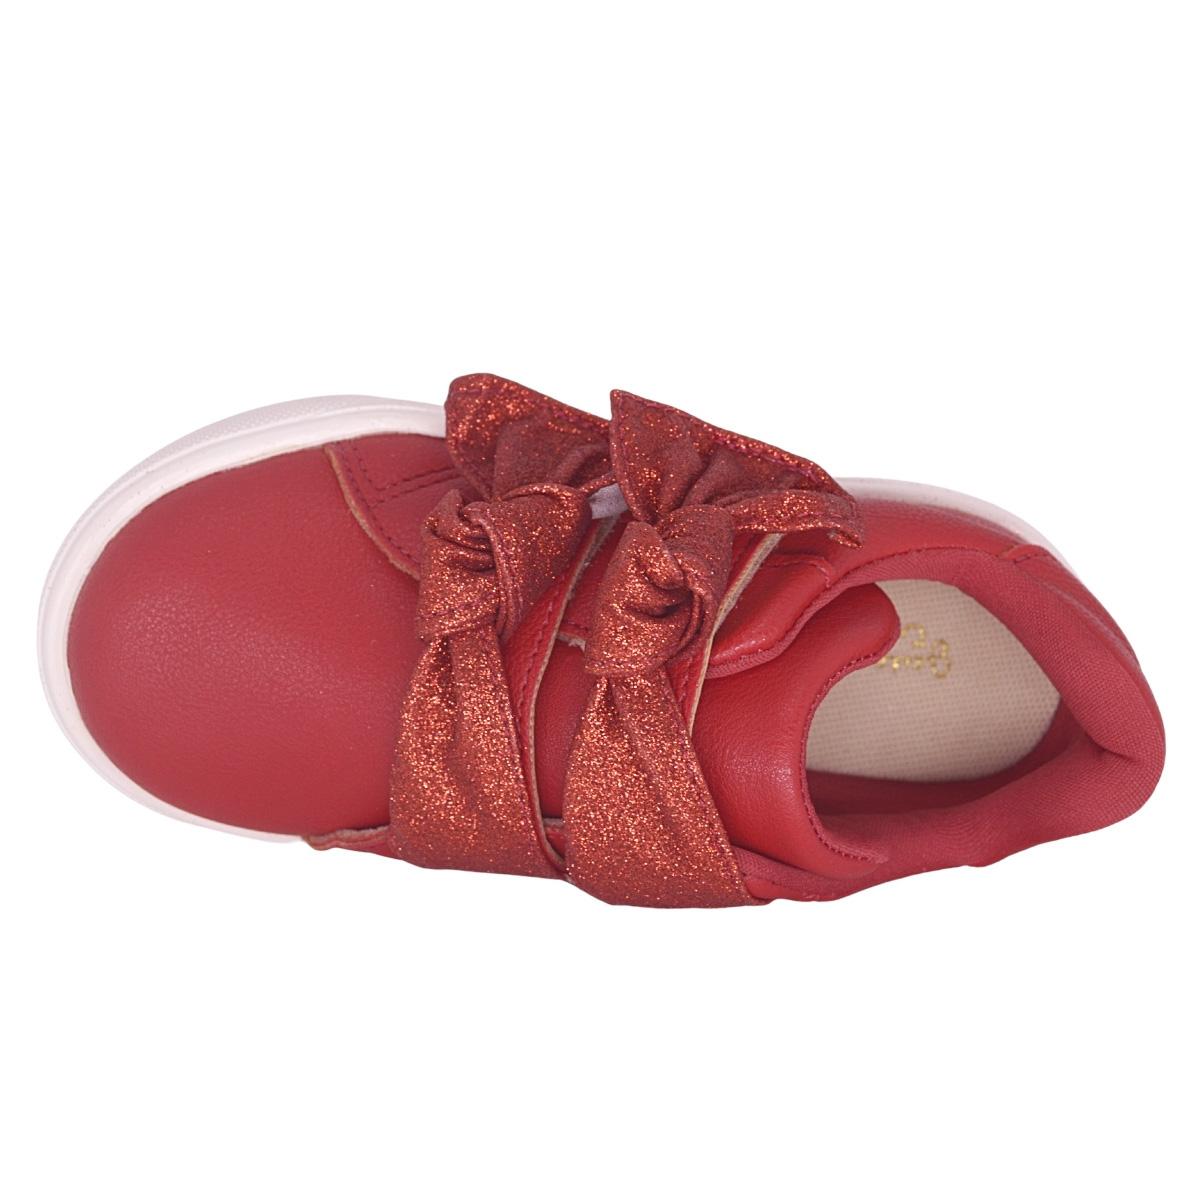 Tenis infantil vermelho com brilho